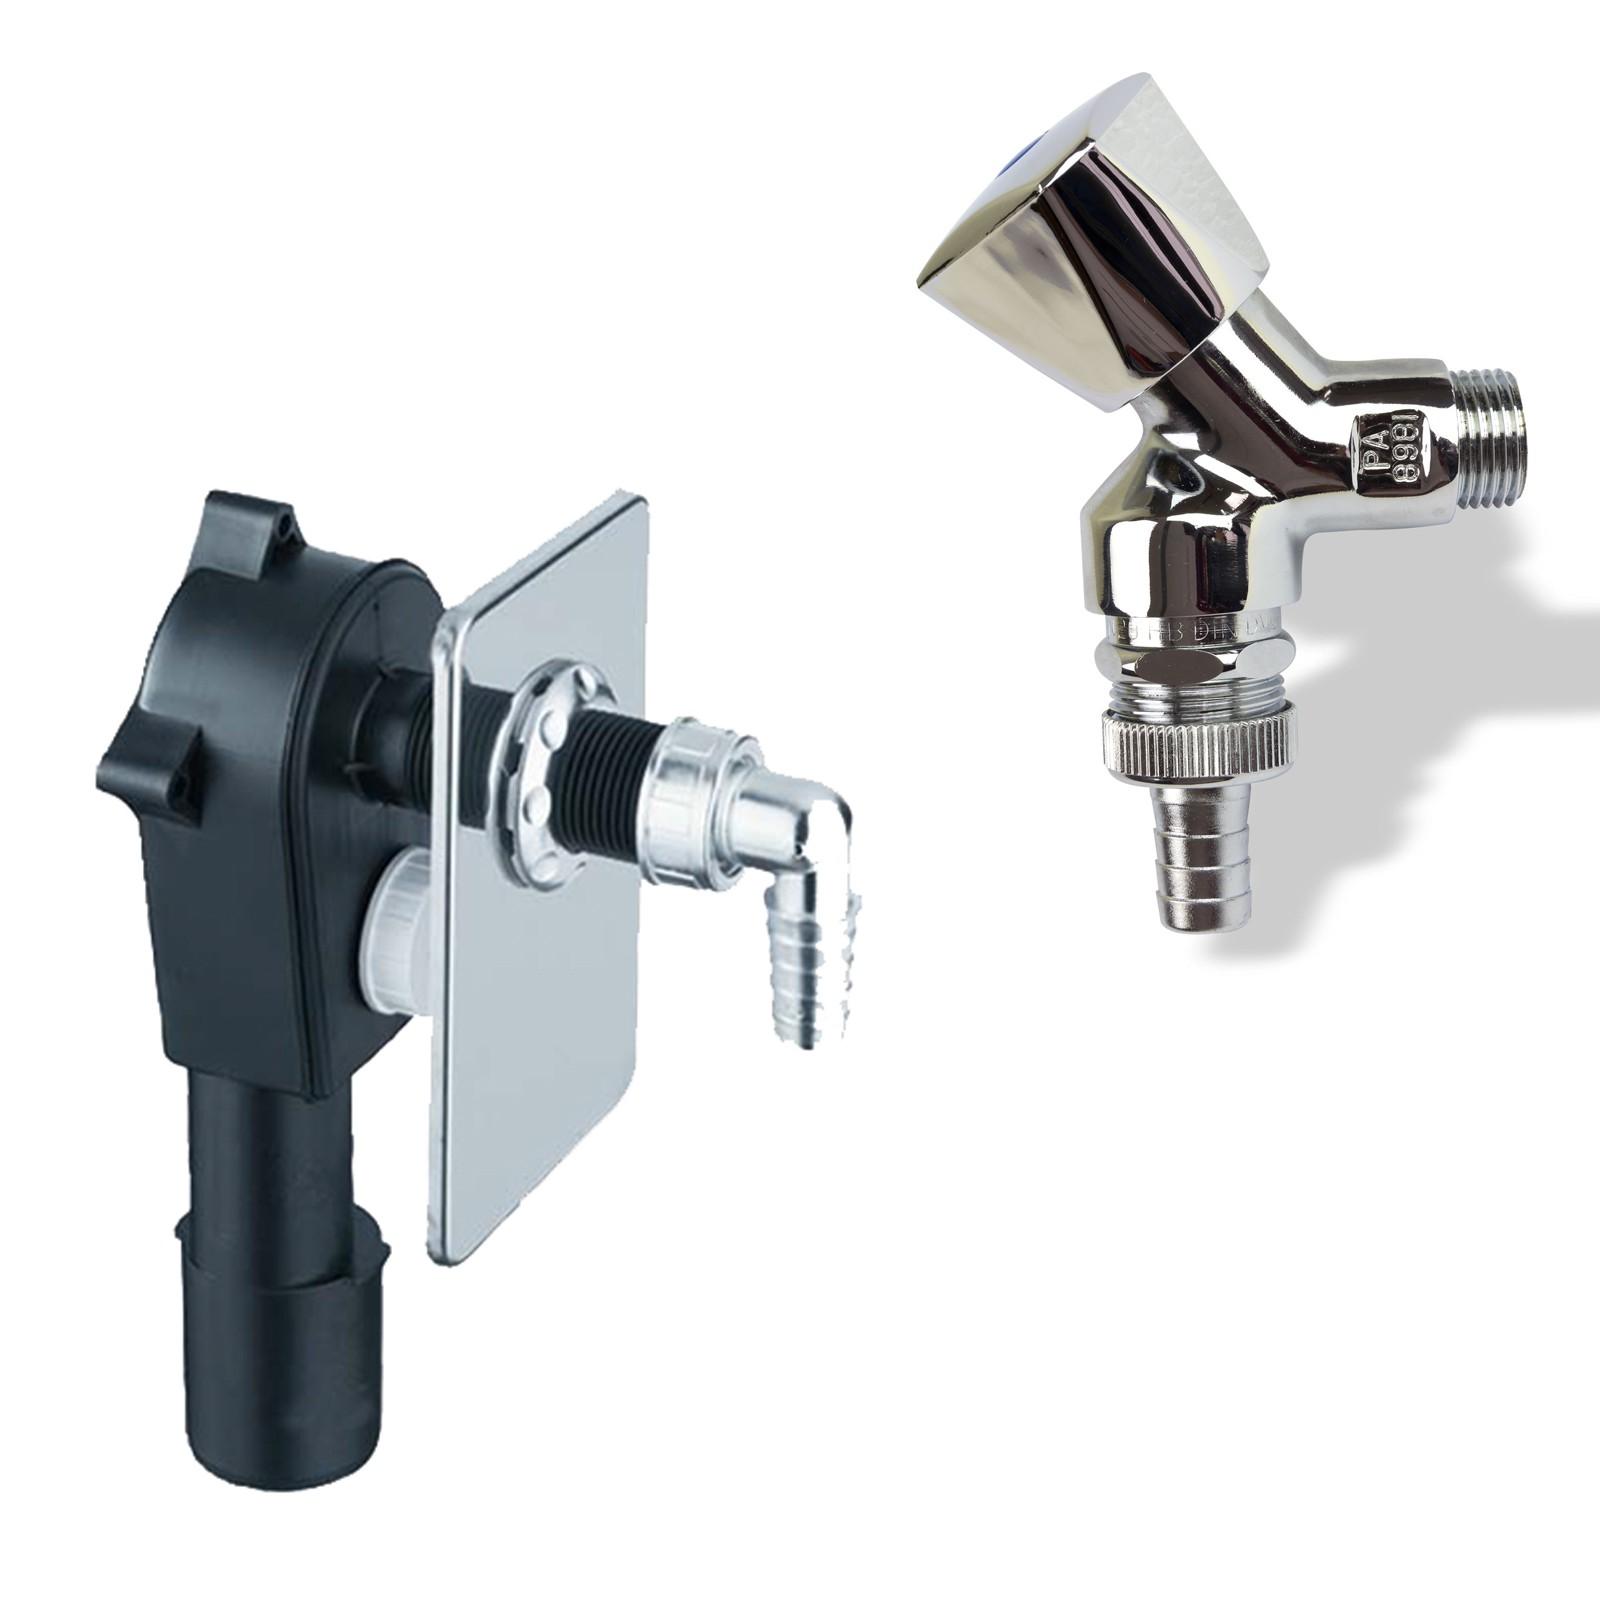 Anschluss-Set Unterputz Siphon Sifon DN188/188 und 18/18 Geräteventil